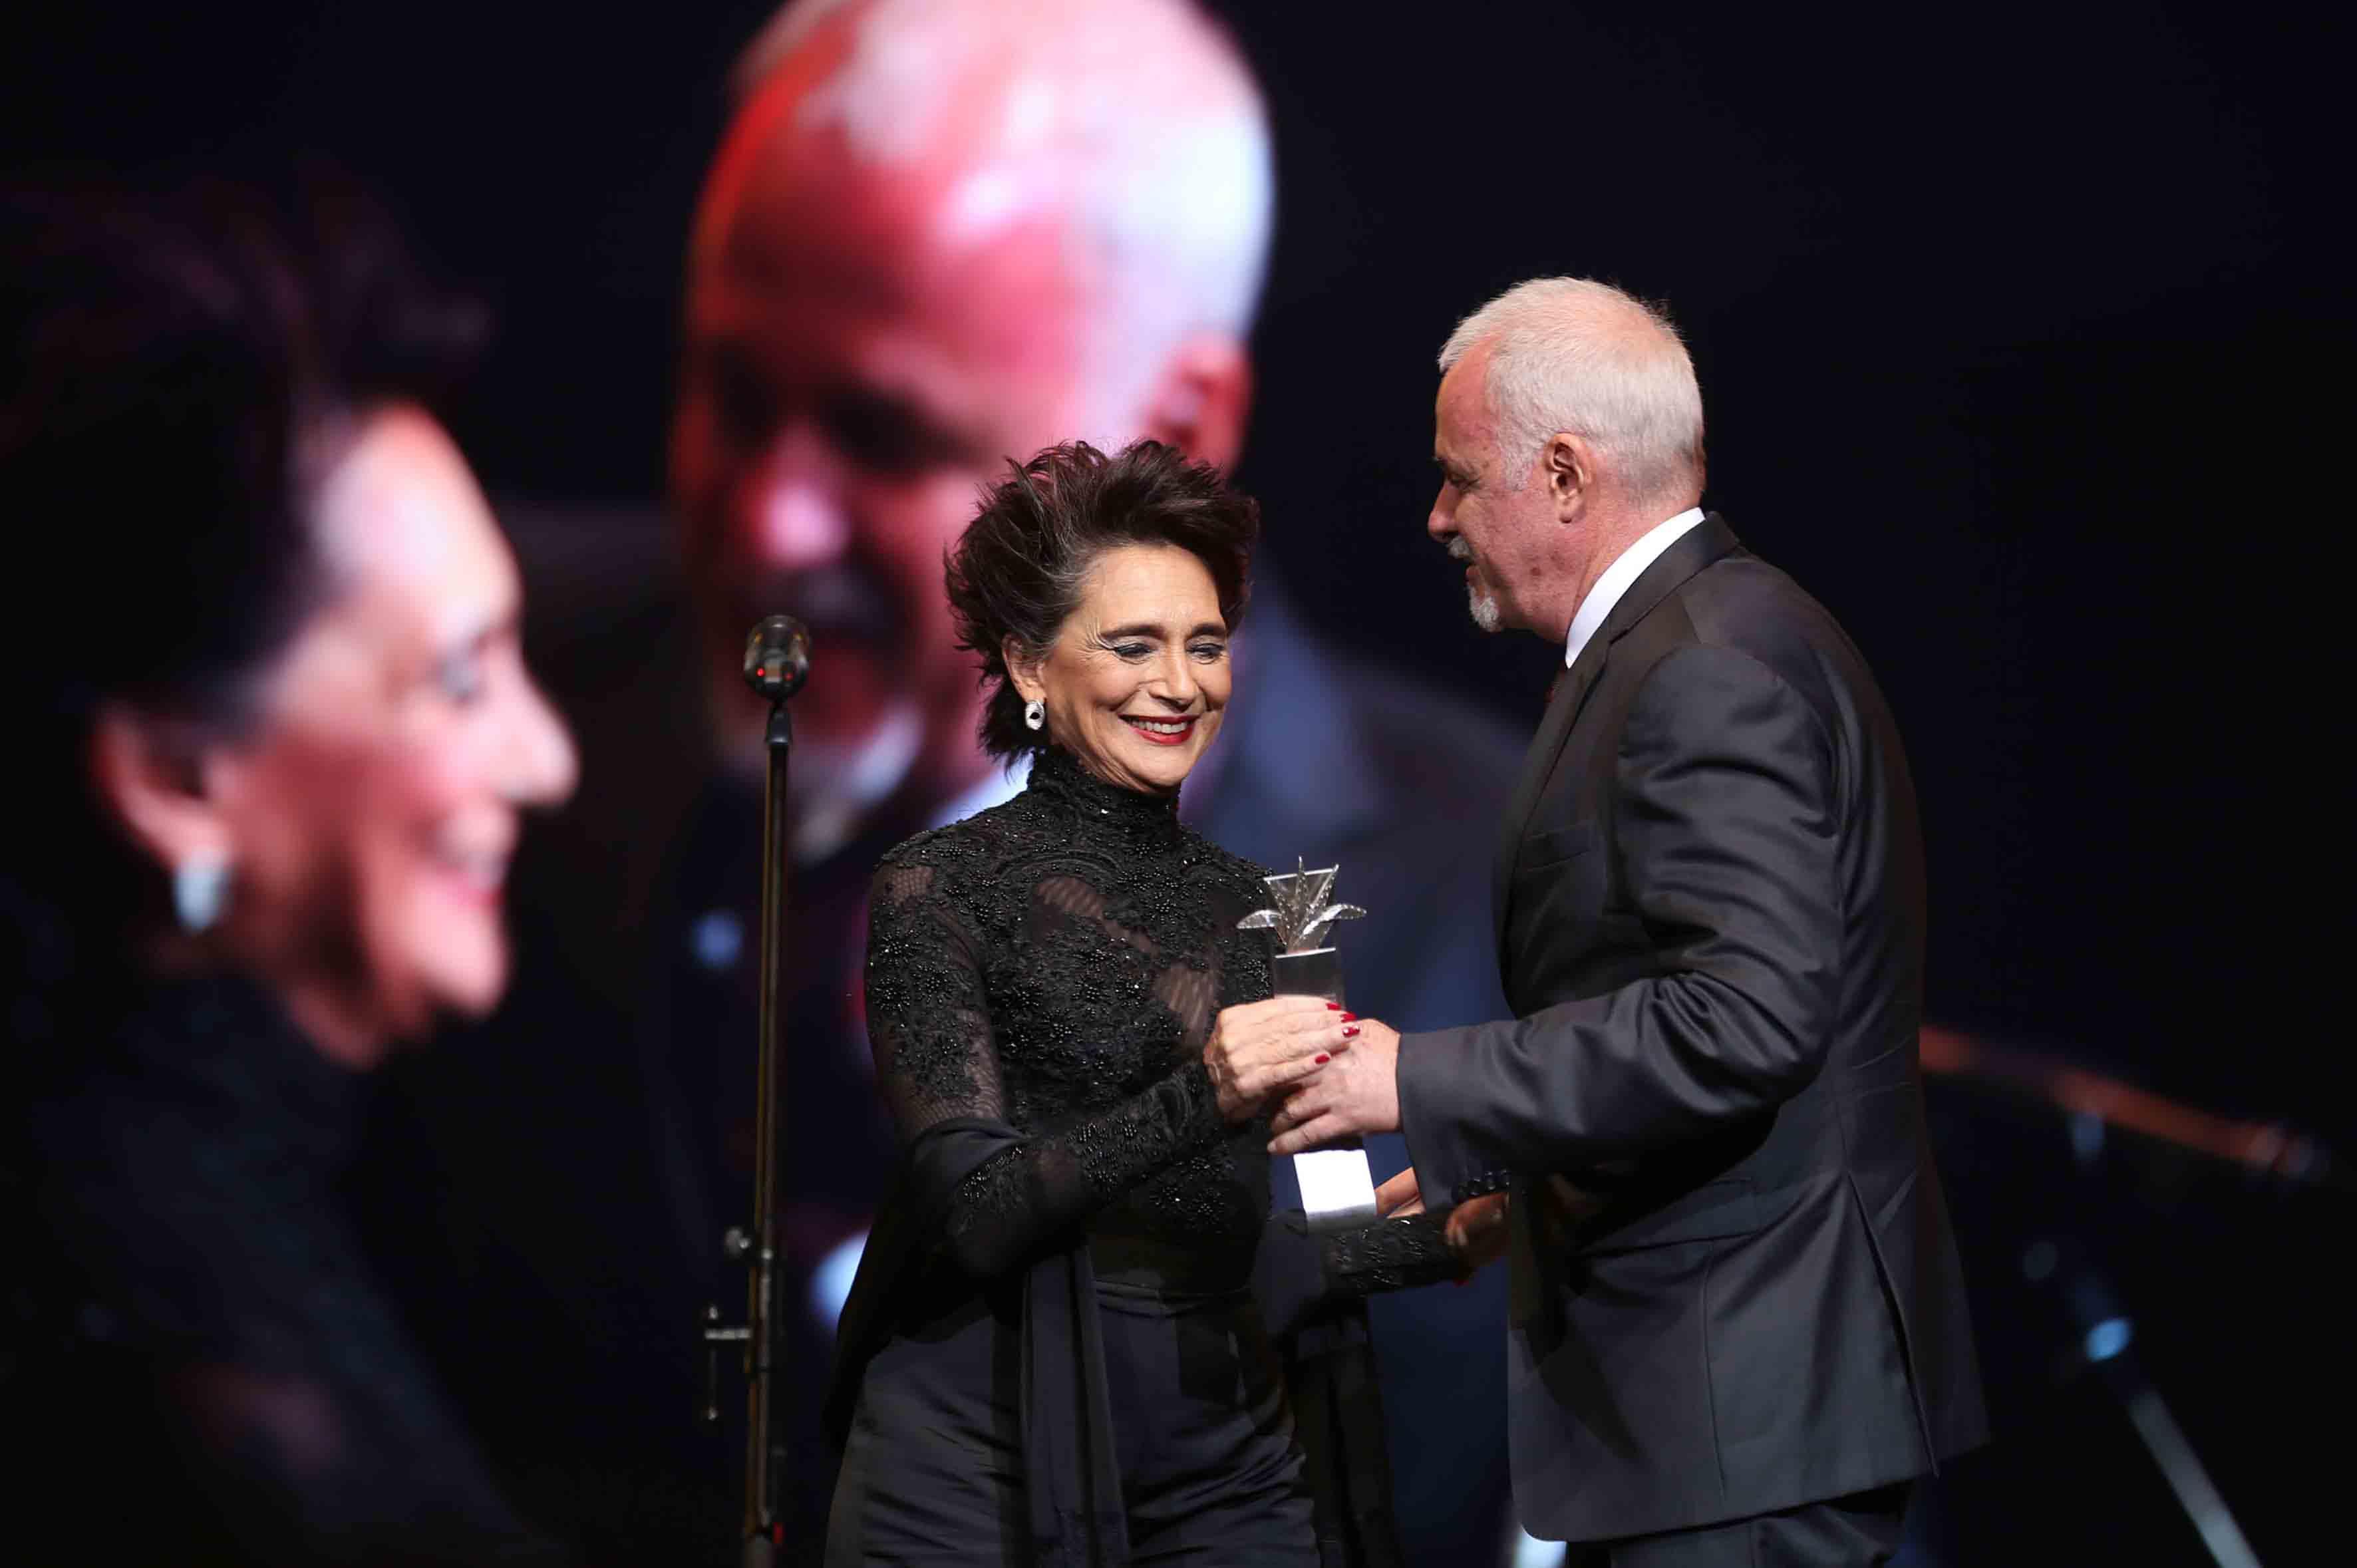 Raúl Padilla López, presidente del Festival Internacional del Cine en Guadalajara, entregando el premio Mayahuel de Plata a la actriz mexicana, Ofelia Medina.